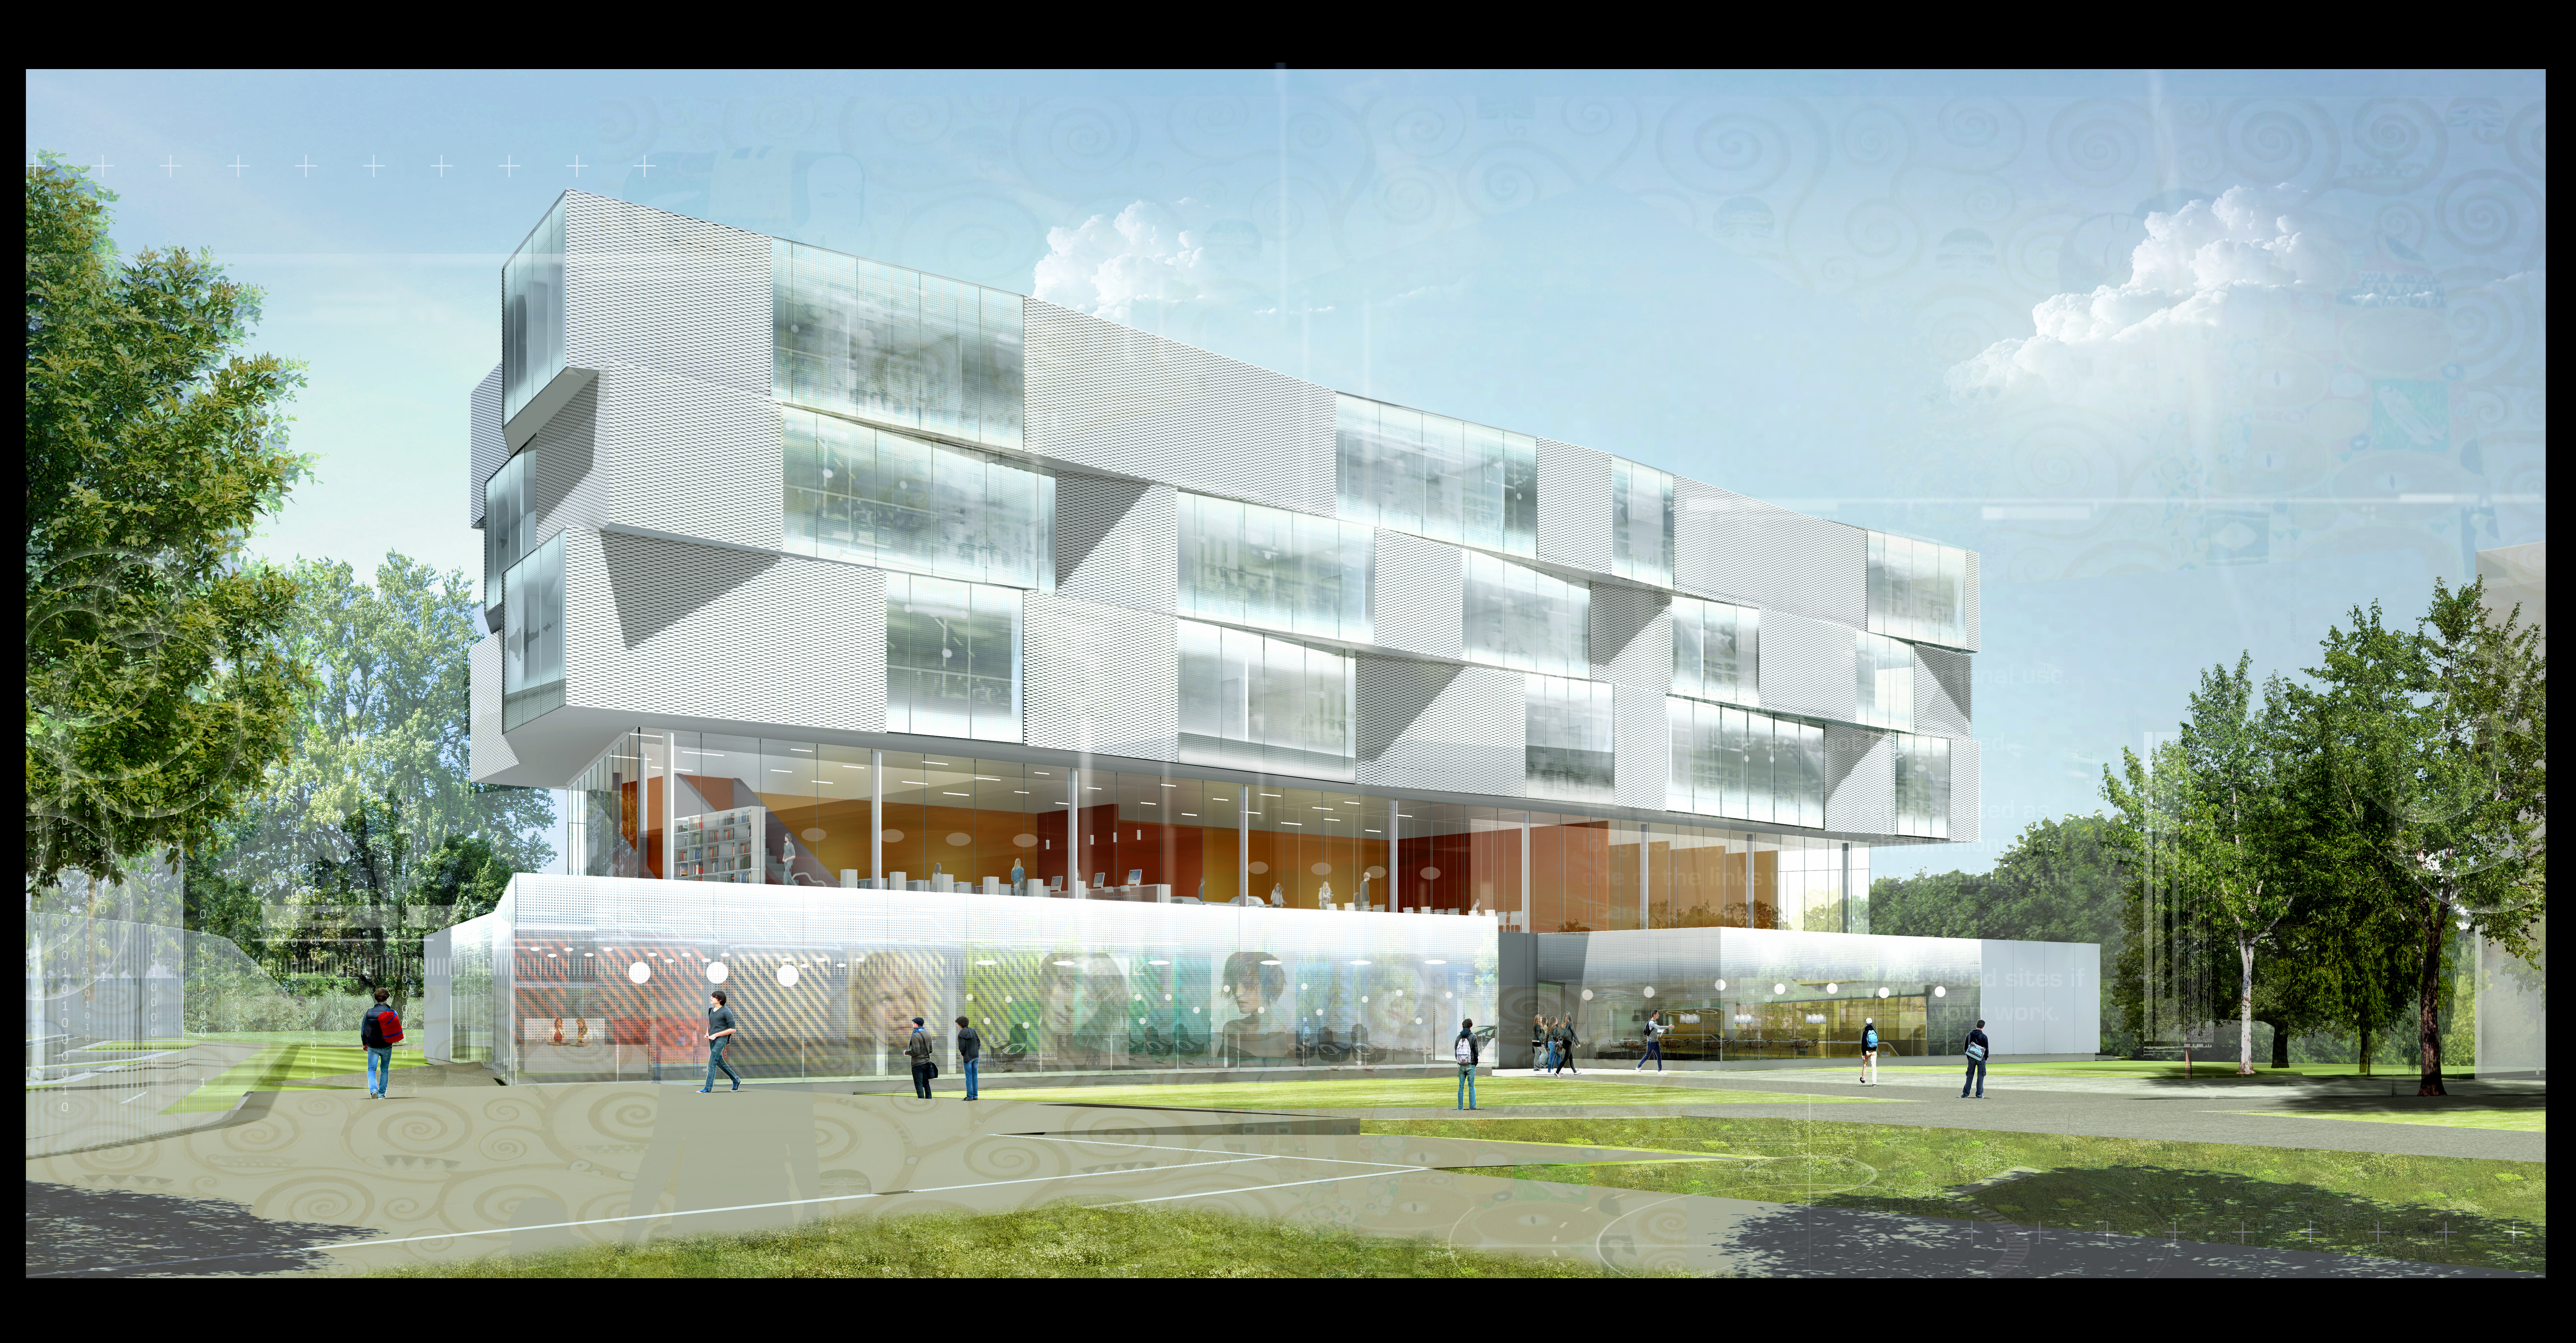 Atelier VM - Lehoux Phily & Samaha Architectes - Groupe Scolaire - Concours - Argenteuil - image d'A